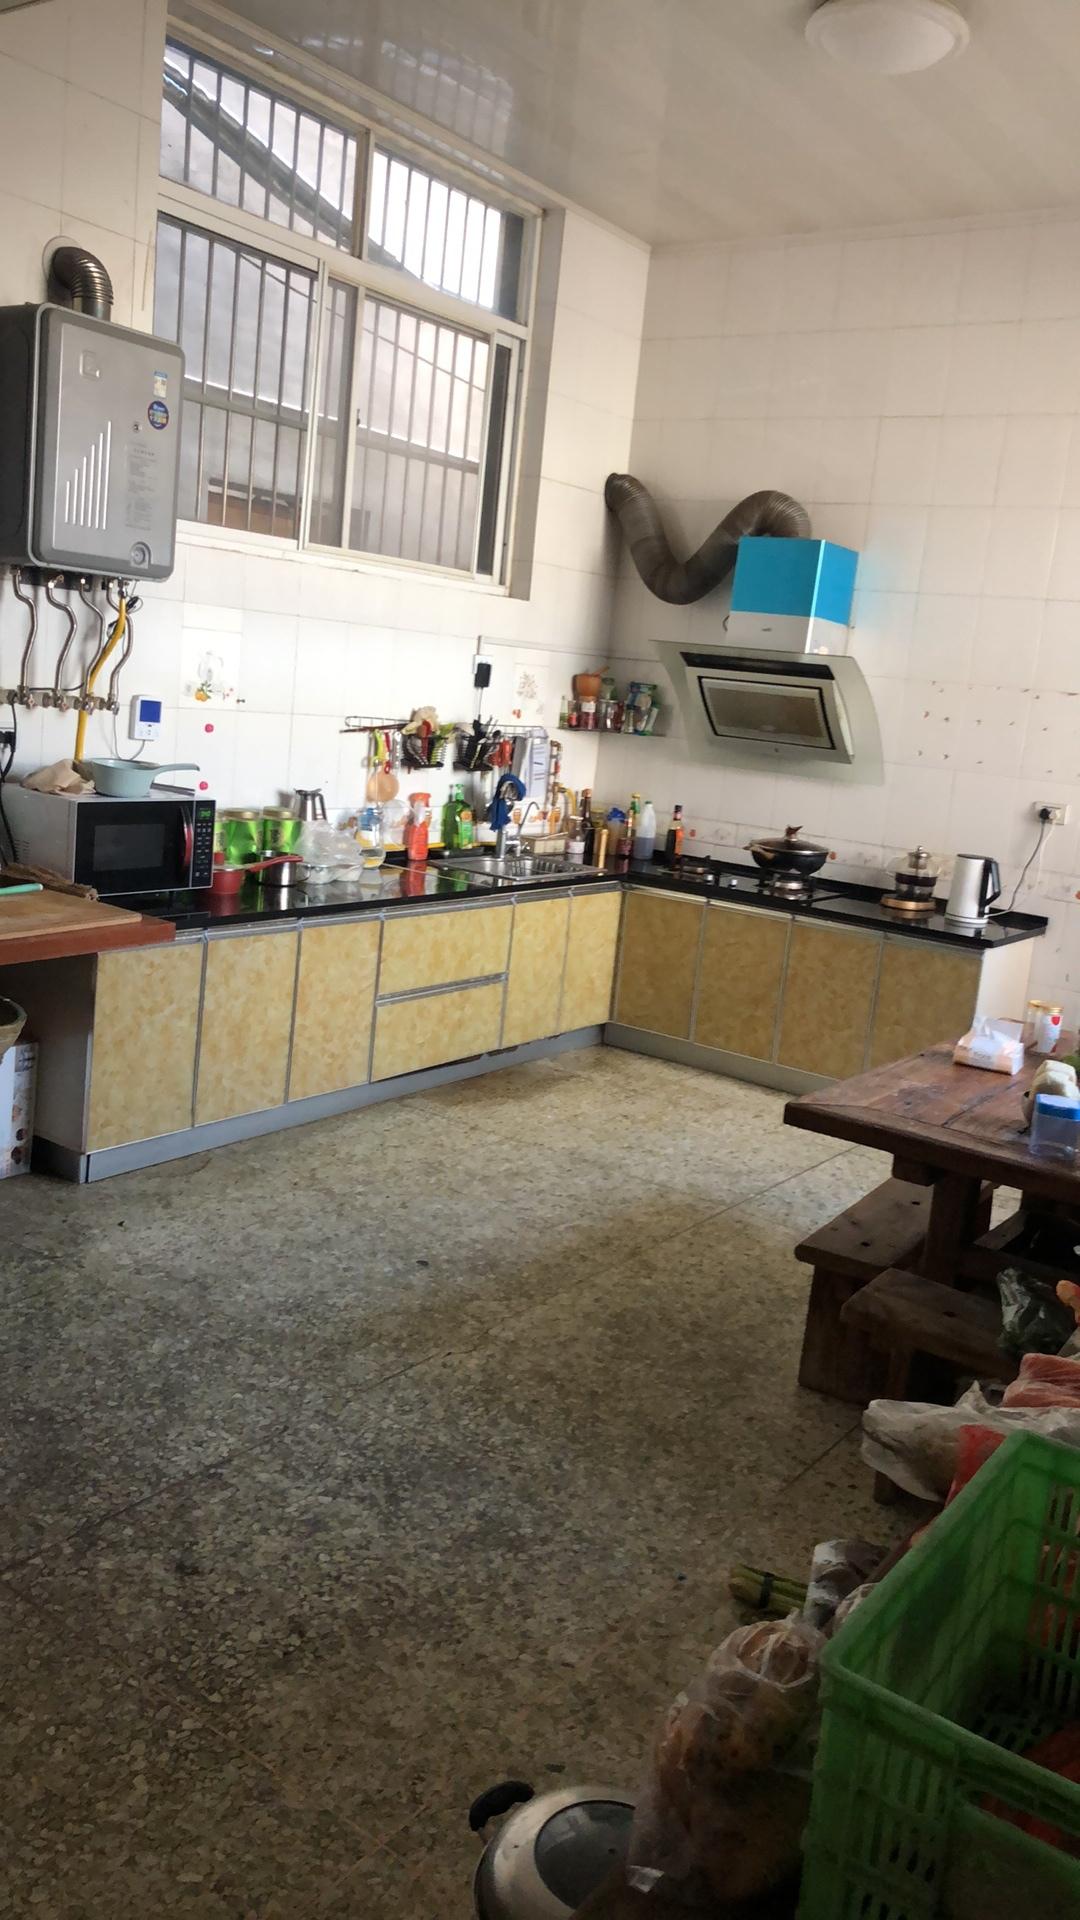 我想把老房子的厨房和卫生间重新装修一下